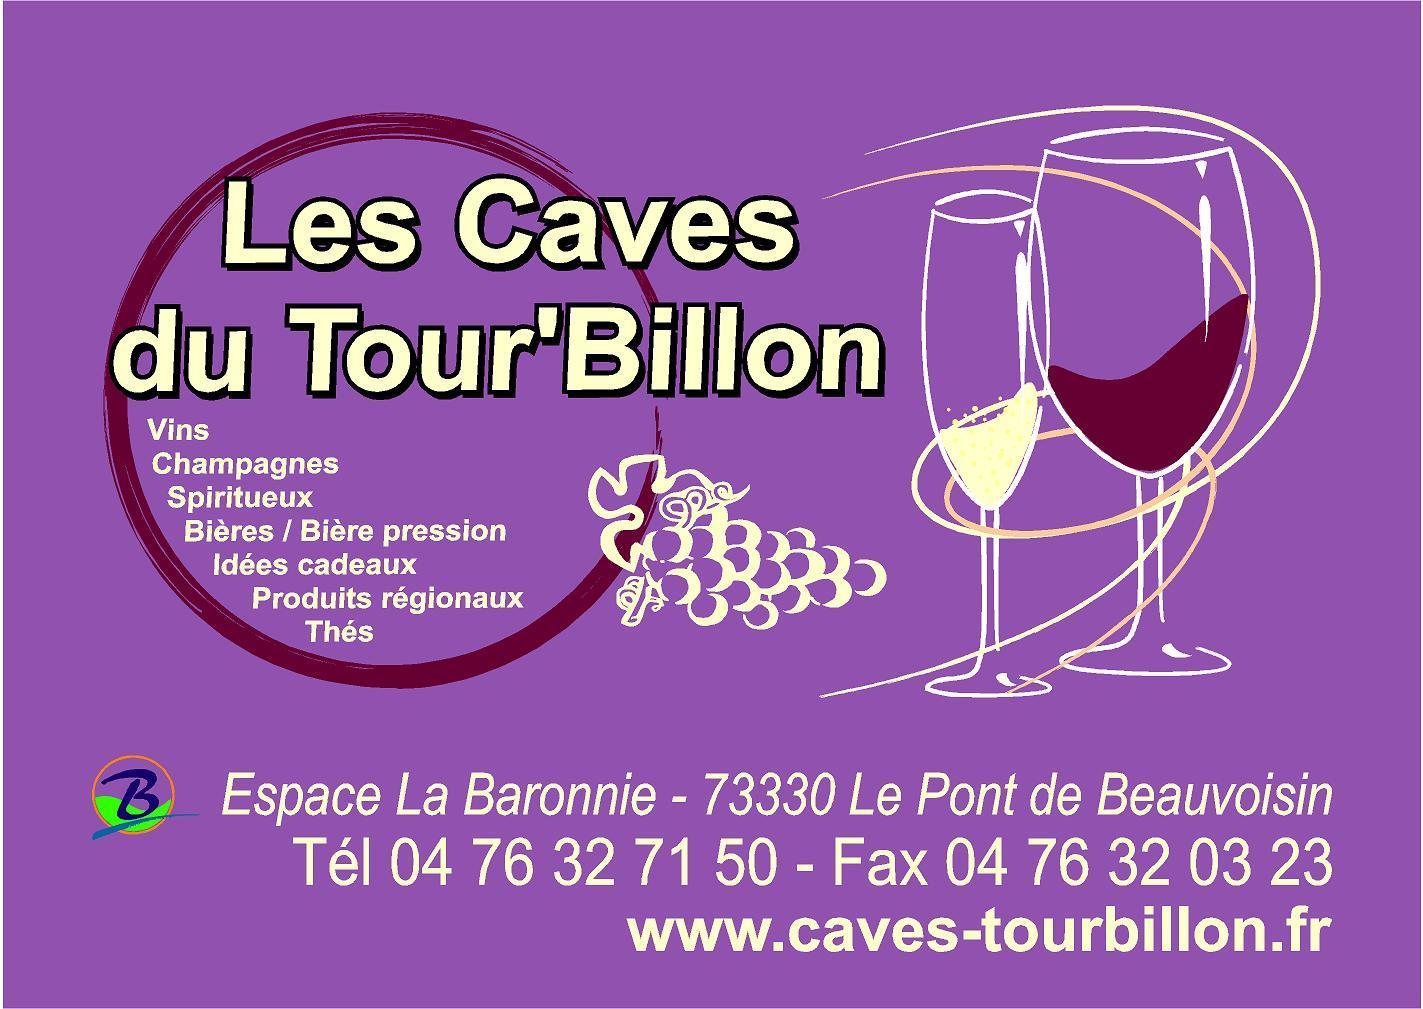 Caves du tour billon